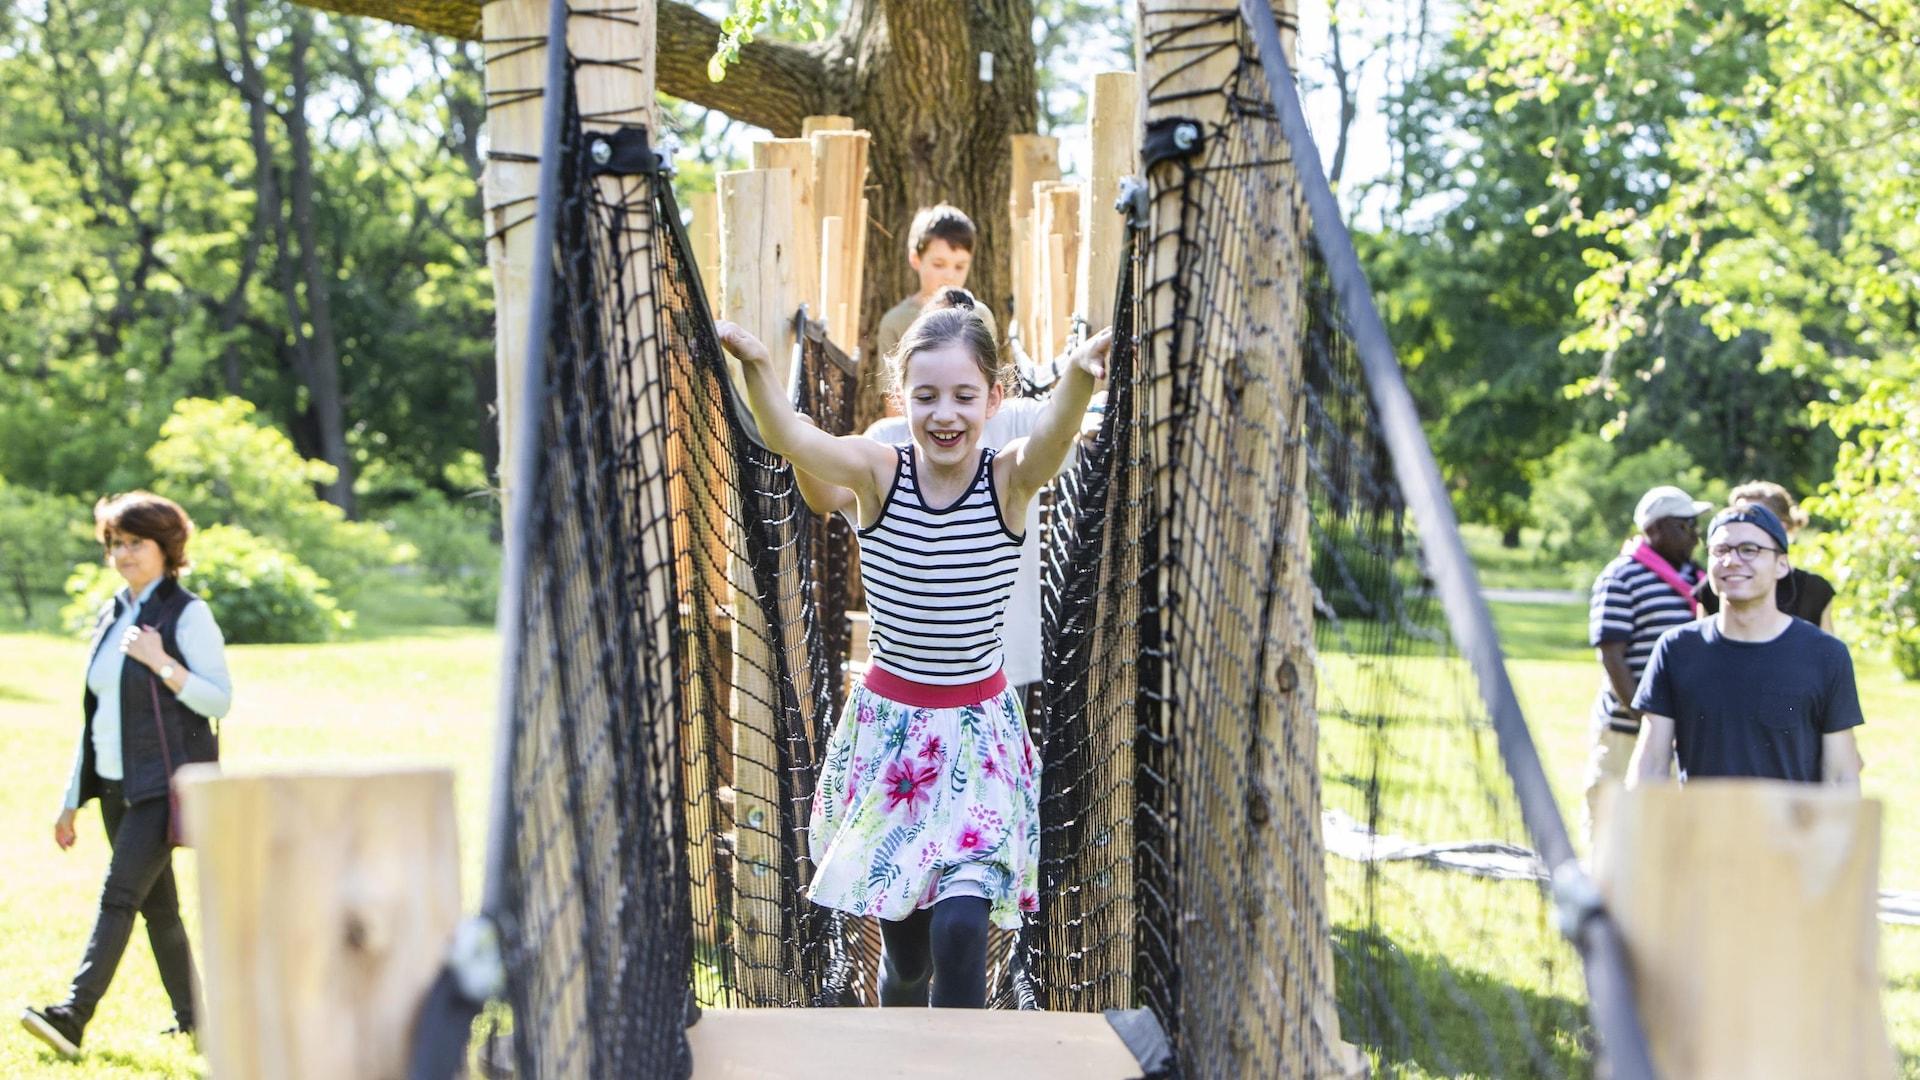 Des enfants traversent un pont suspendu.